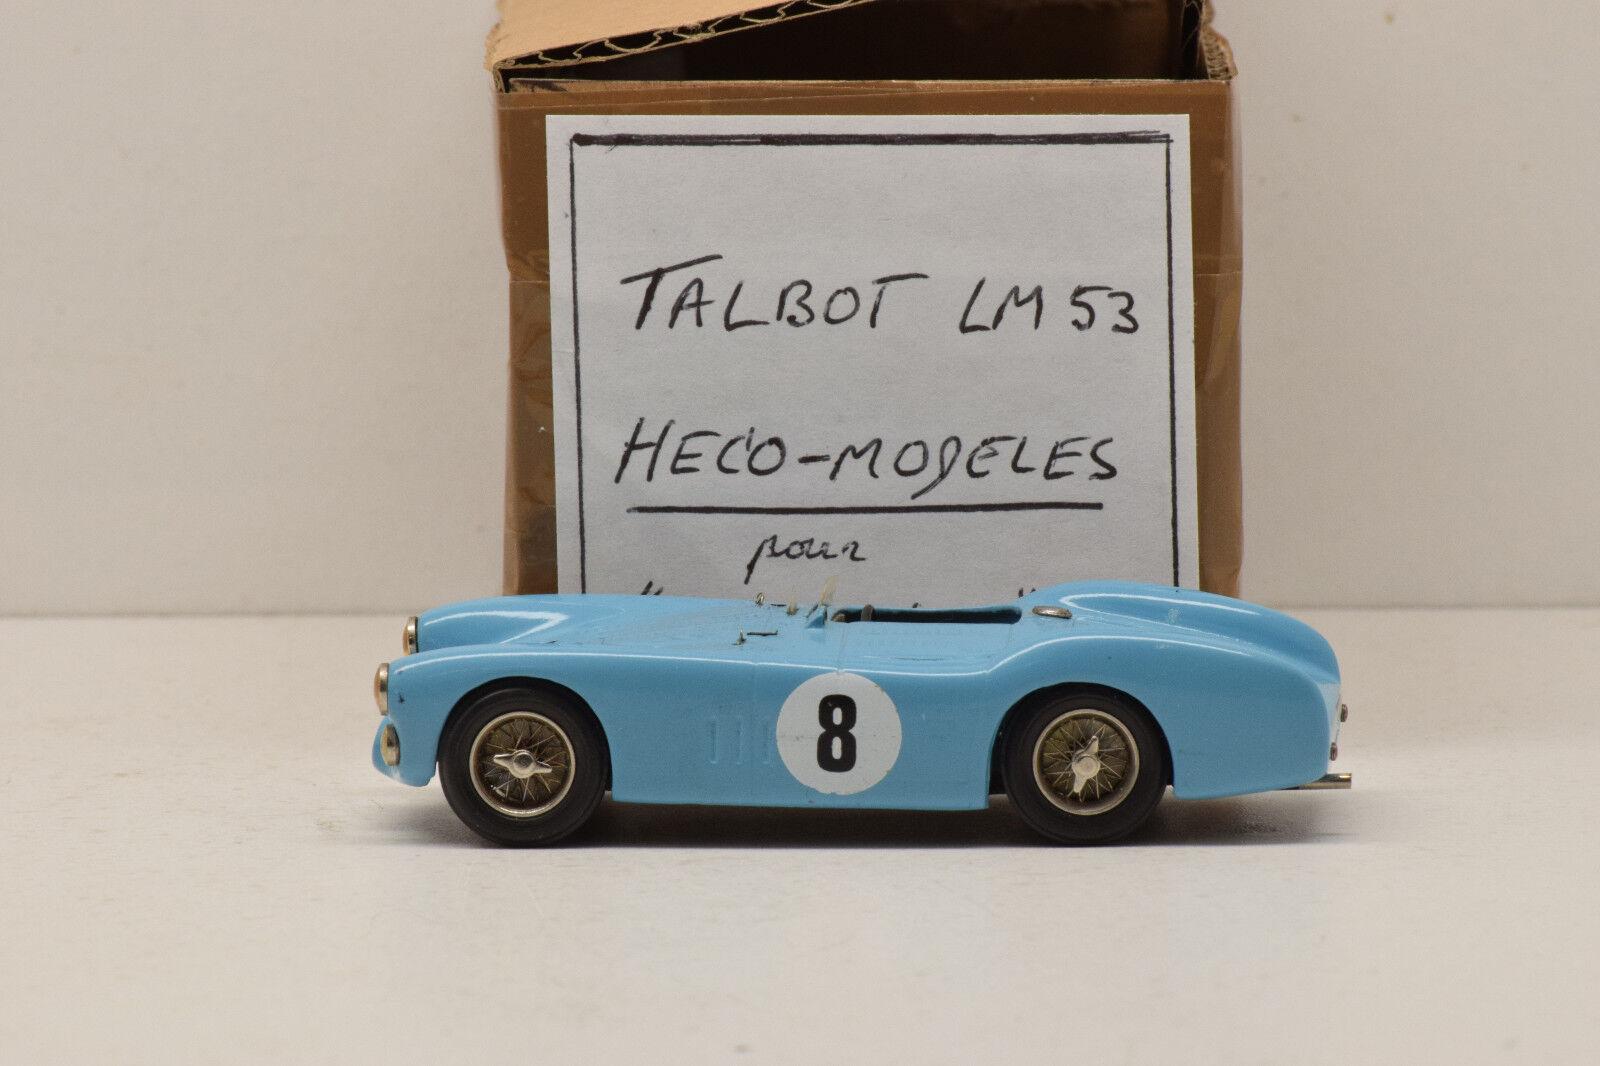 Kit 45 talbot le mans 1953   8 heco-plantillas  el coche para nuevo  1   43